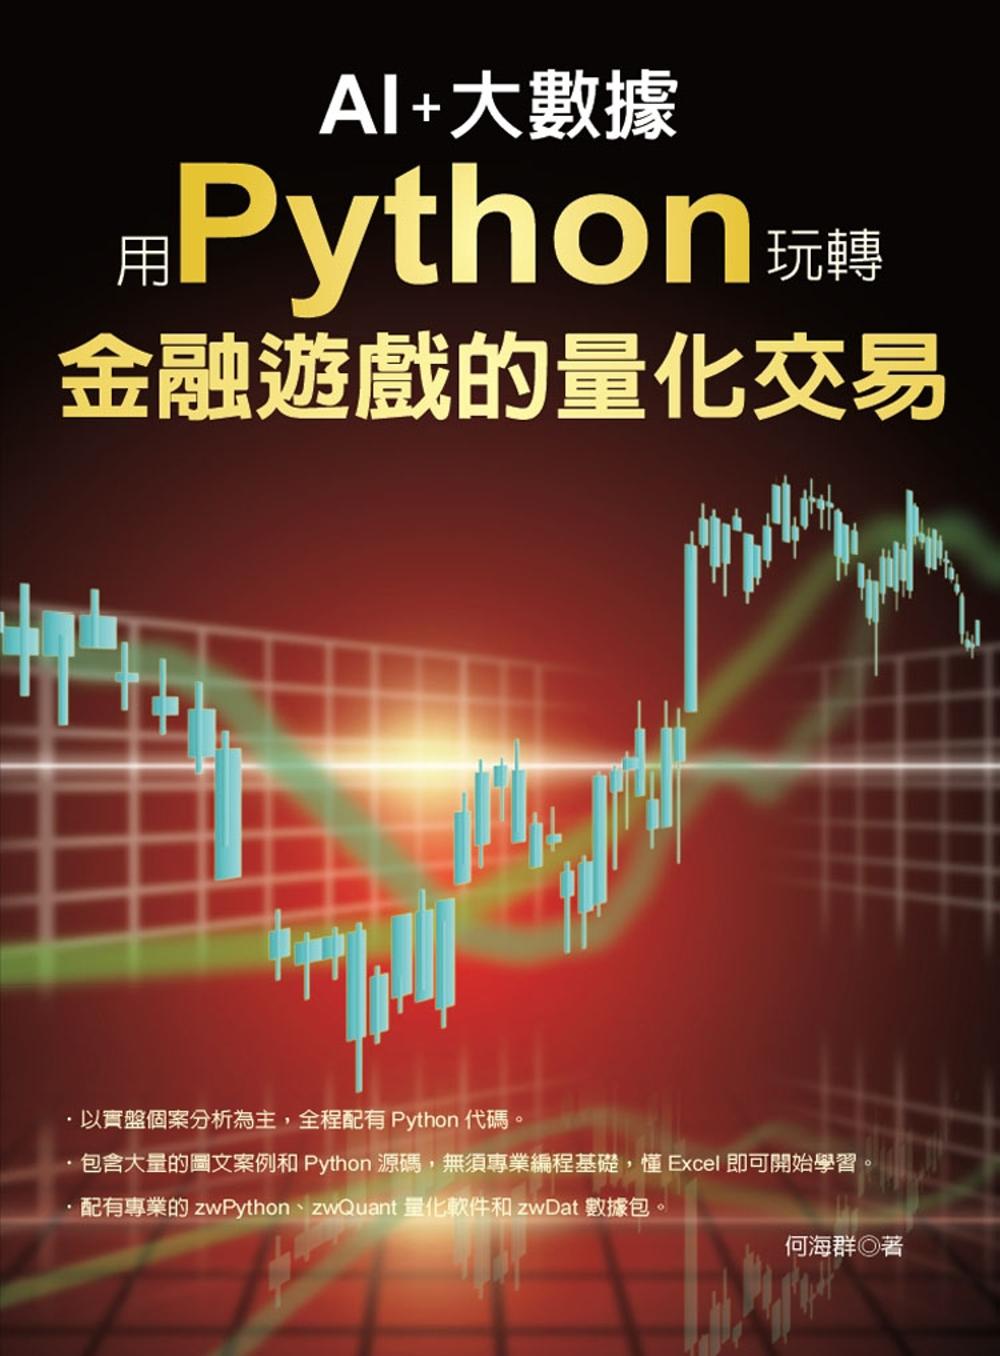 AI+大數據-用Python玩轉金融遊戲的量化交易